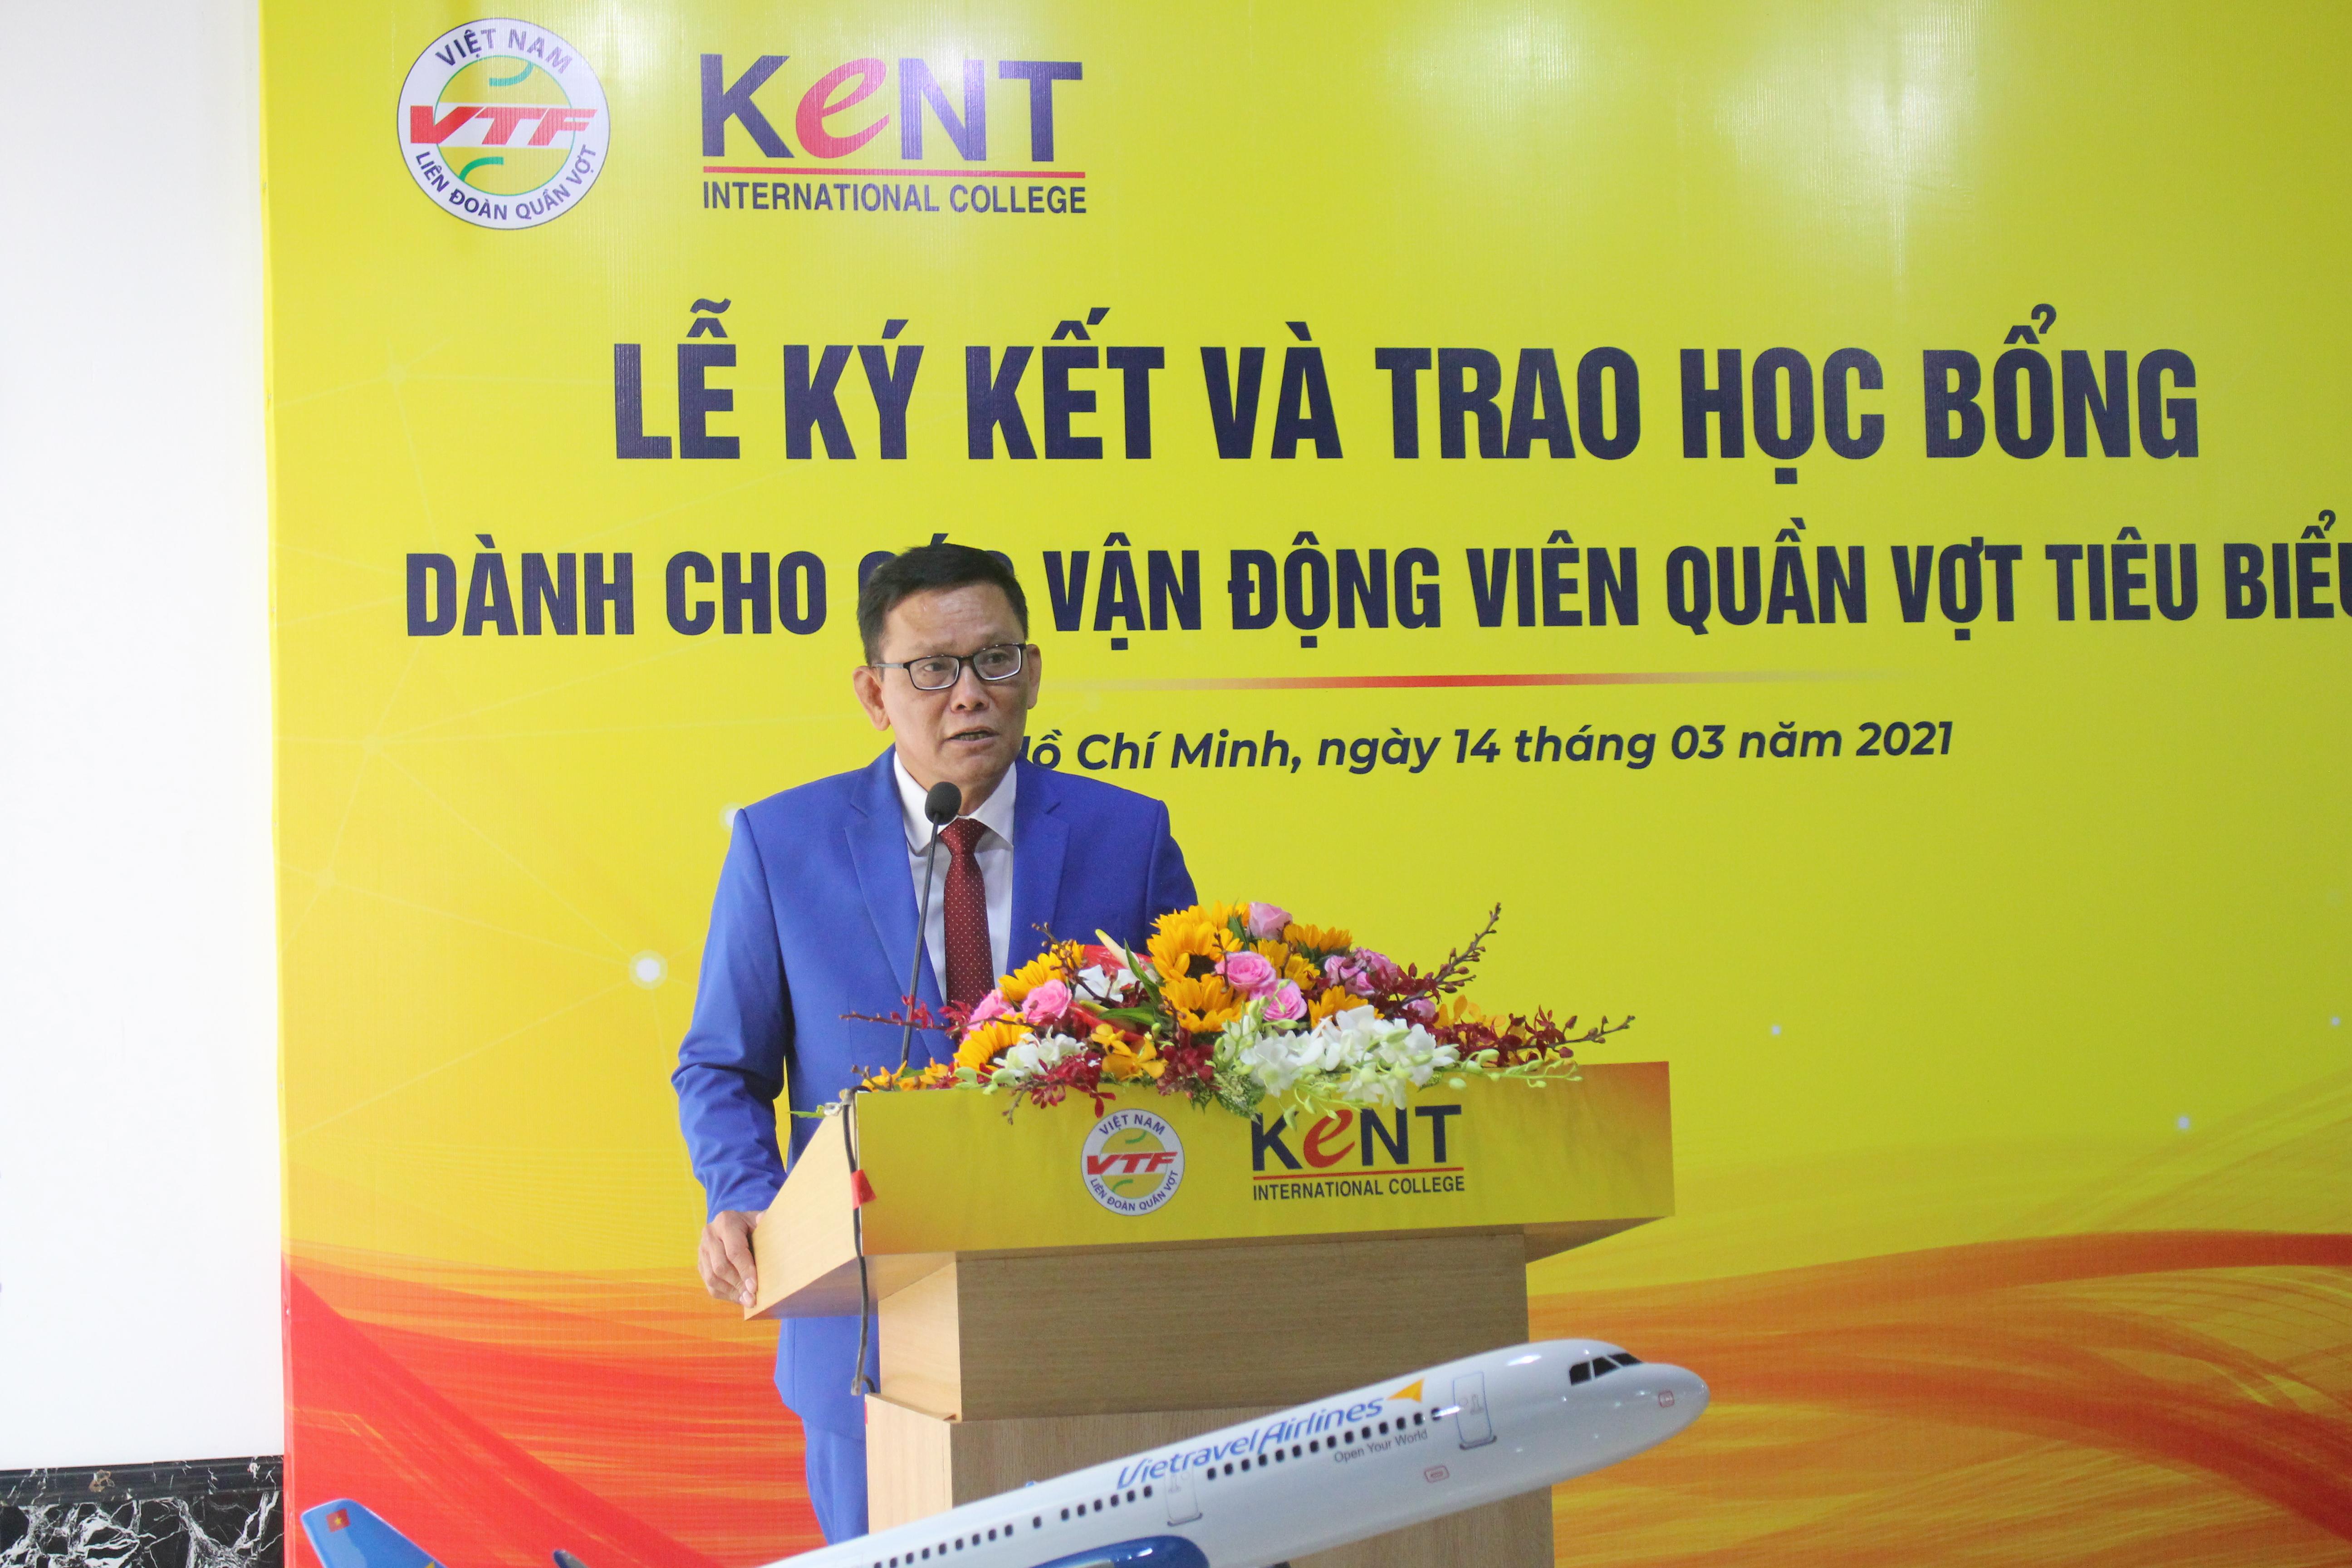 Hình ảnh: Lý Hoàng Nam cùng 3 VĐV quần vợt nhận học bổng của trường Cao đẳng Quốc tế Kent số 4